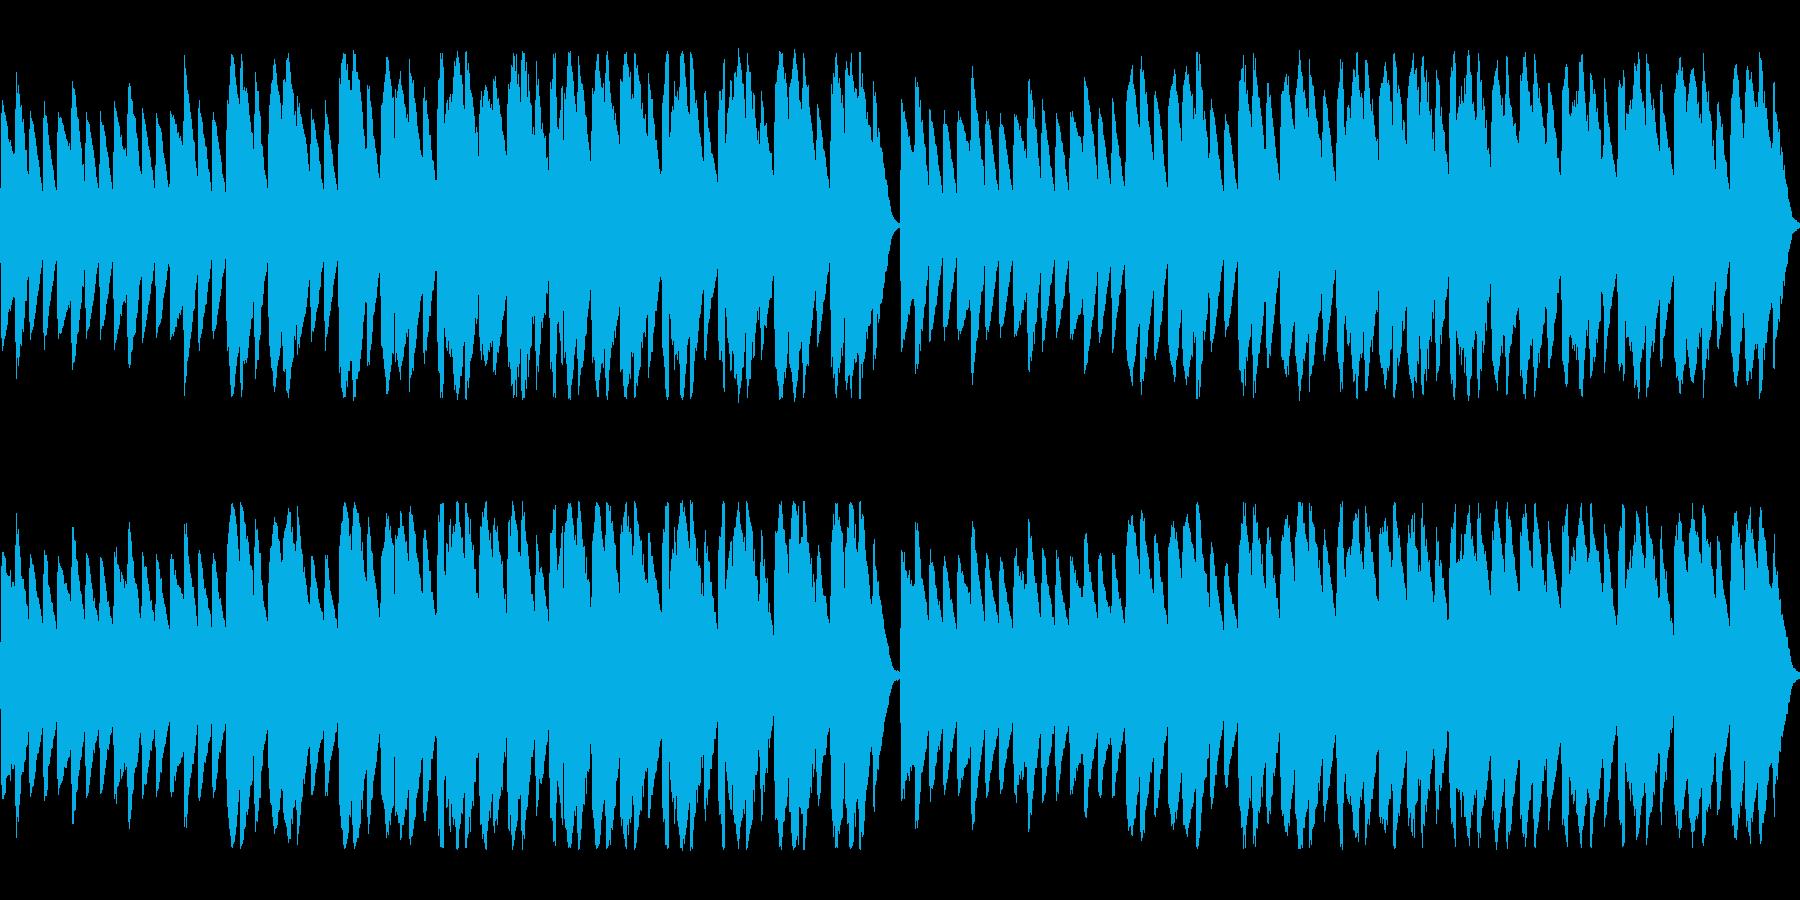 静かで切ない雰囲気のチップチューンの再生済みの波形